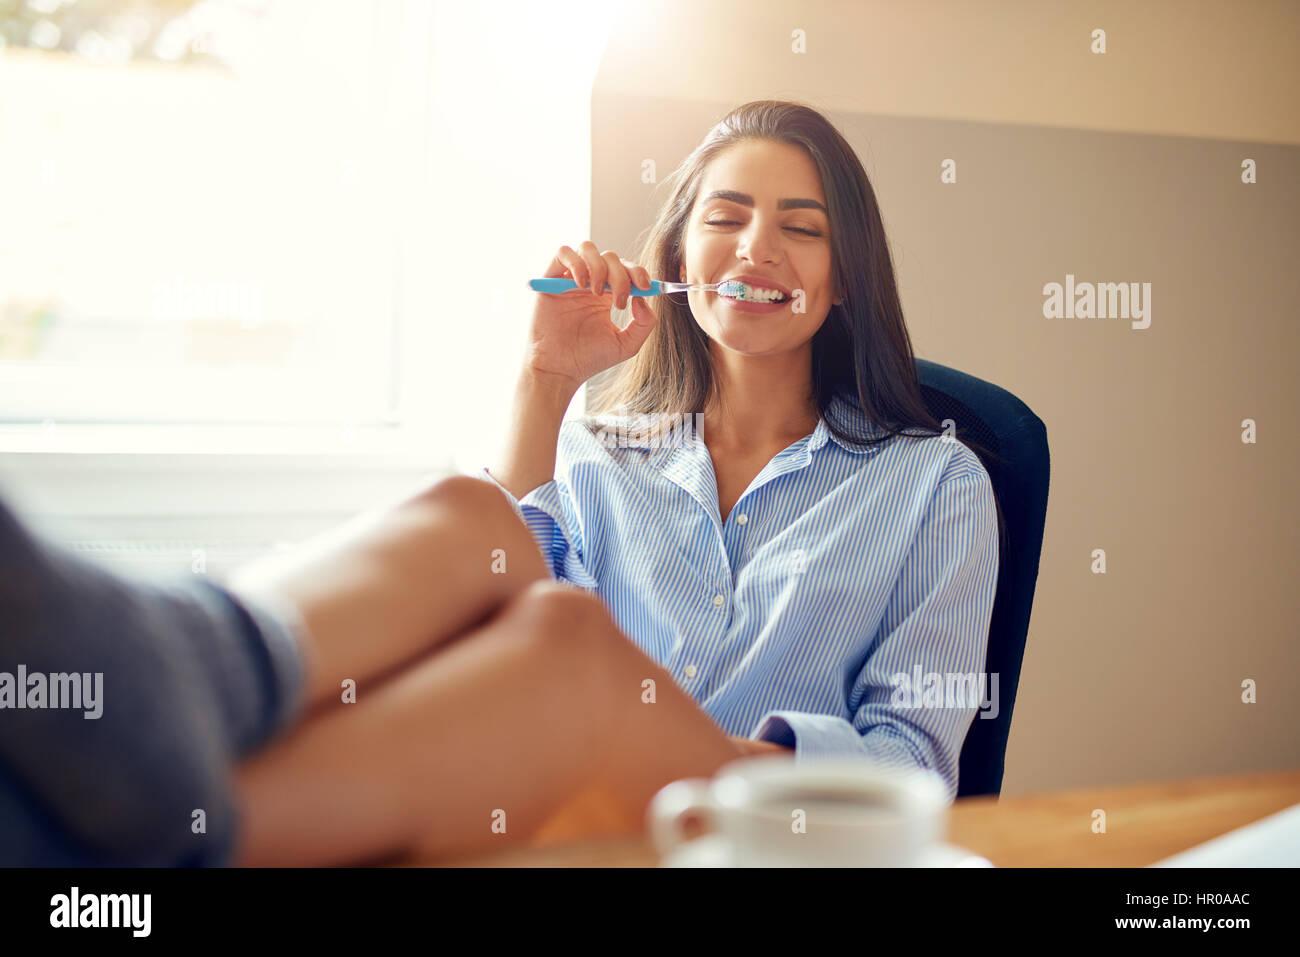 Feliz relajado joven empresaria con sus pies en el escritorio y una taza de café, trabajando en una oficina Imagen De Stock